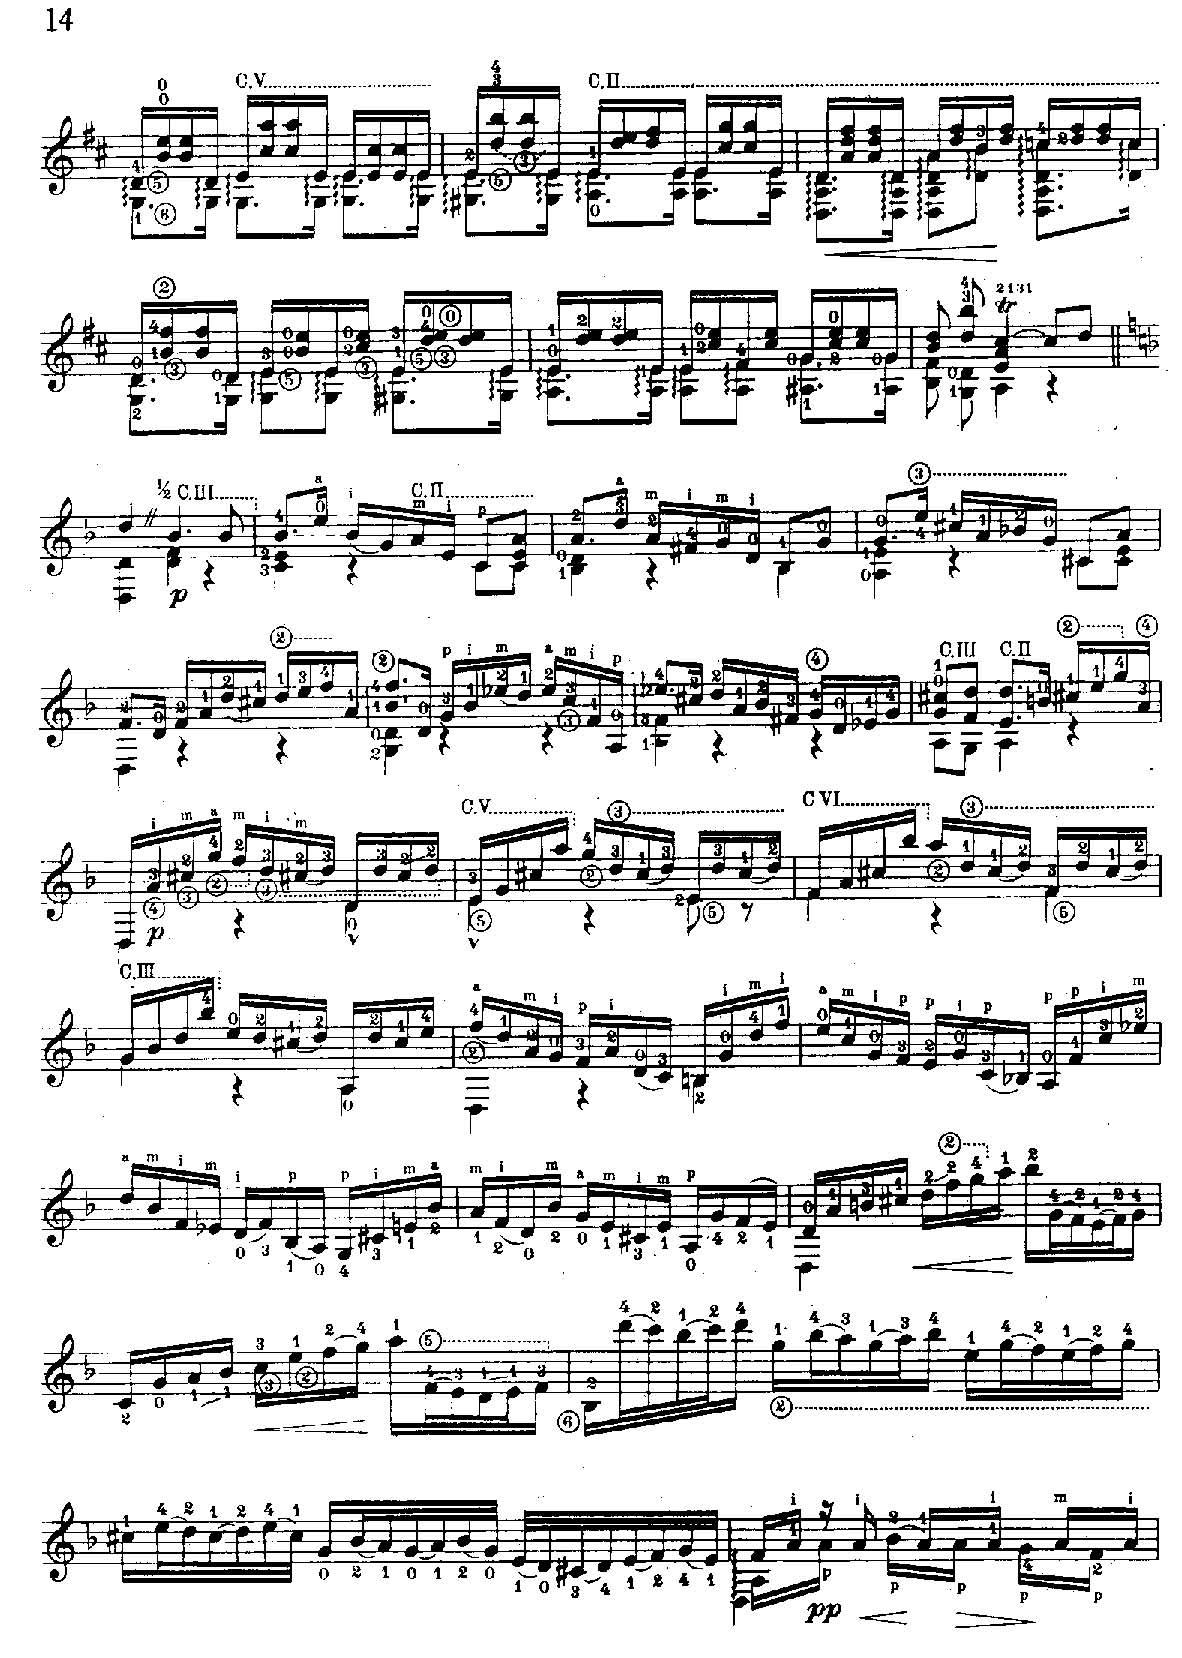 恰空舞曲,巴赫无伴奏小提琴组曲第二号(bwv1004),塞戈维亚改编